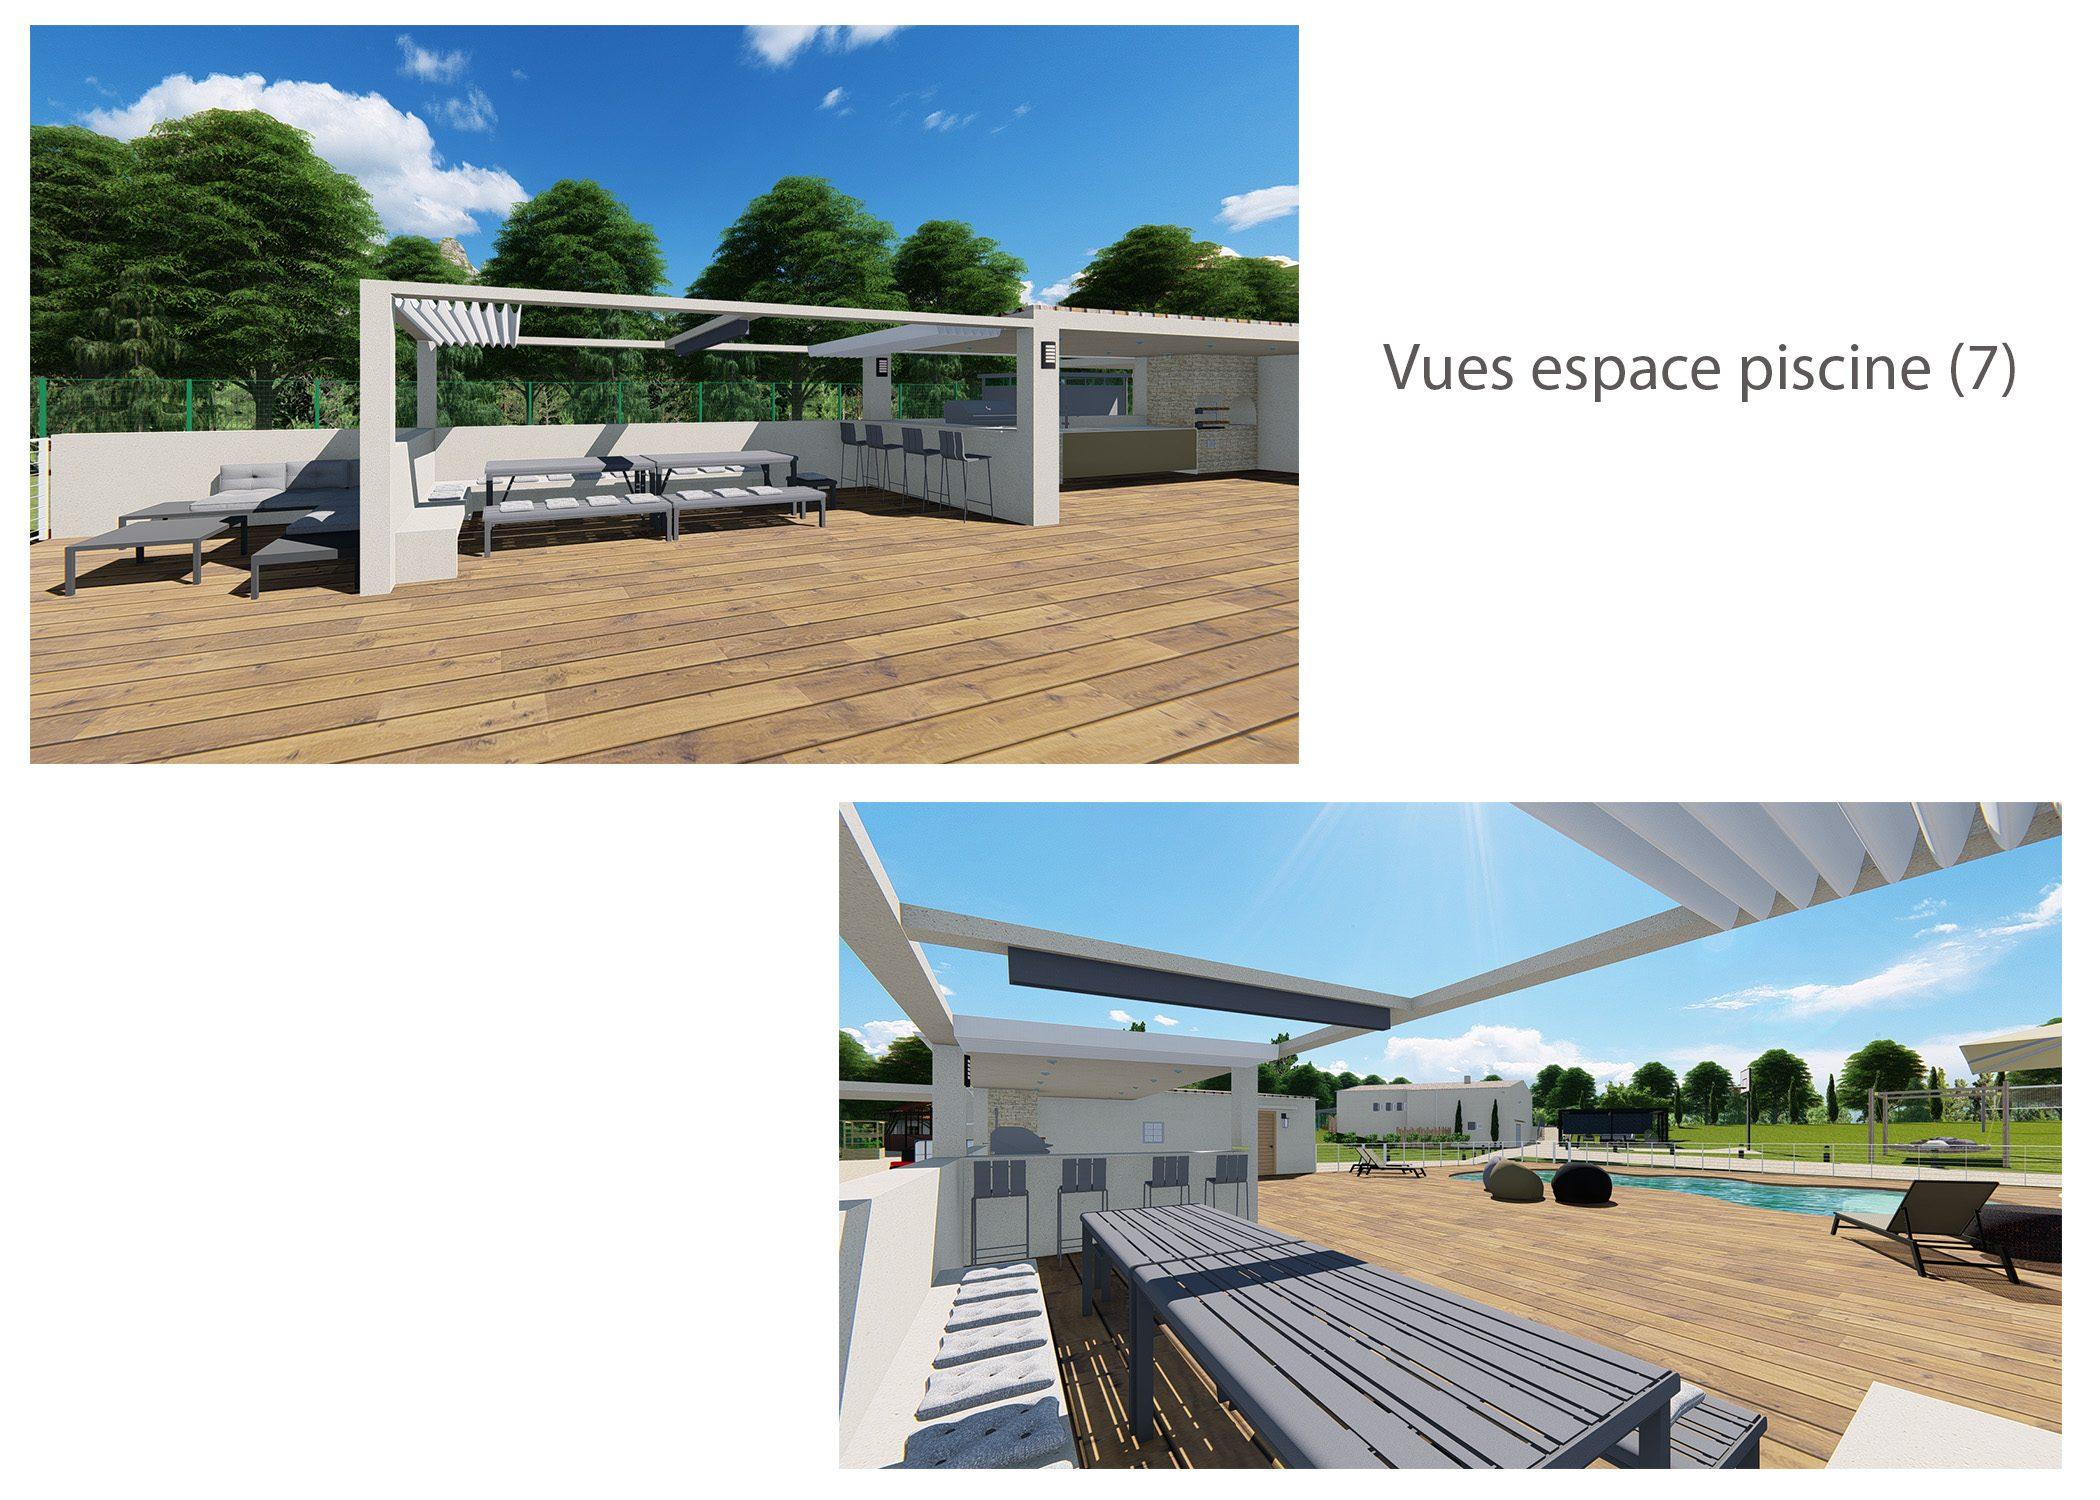 agencement terrain fuveau-espace exterieur-vues espace piscine 2-dekho design